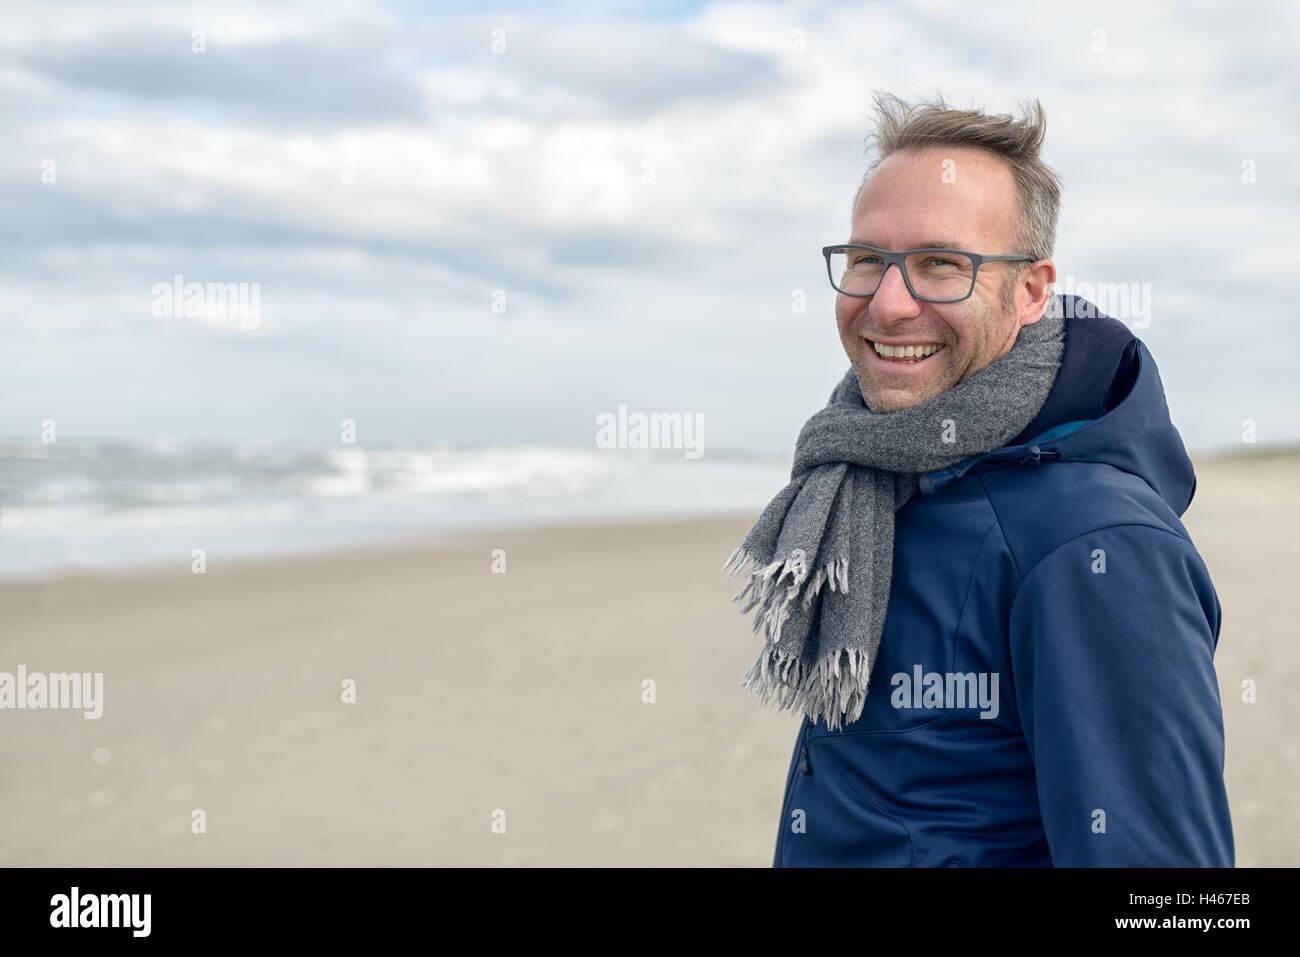 Sorridente uomo di mezza età con gli occhiali e una lana lavorata a maglia Sciarpa in piedi su una deserta Immagini Stock